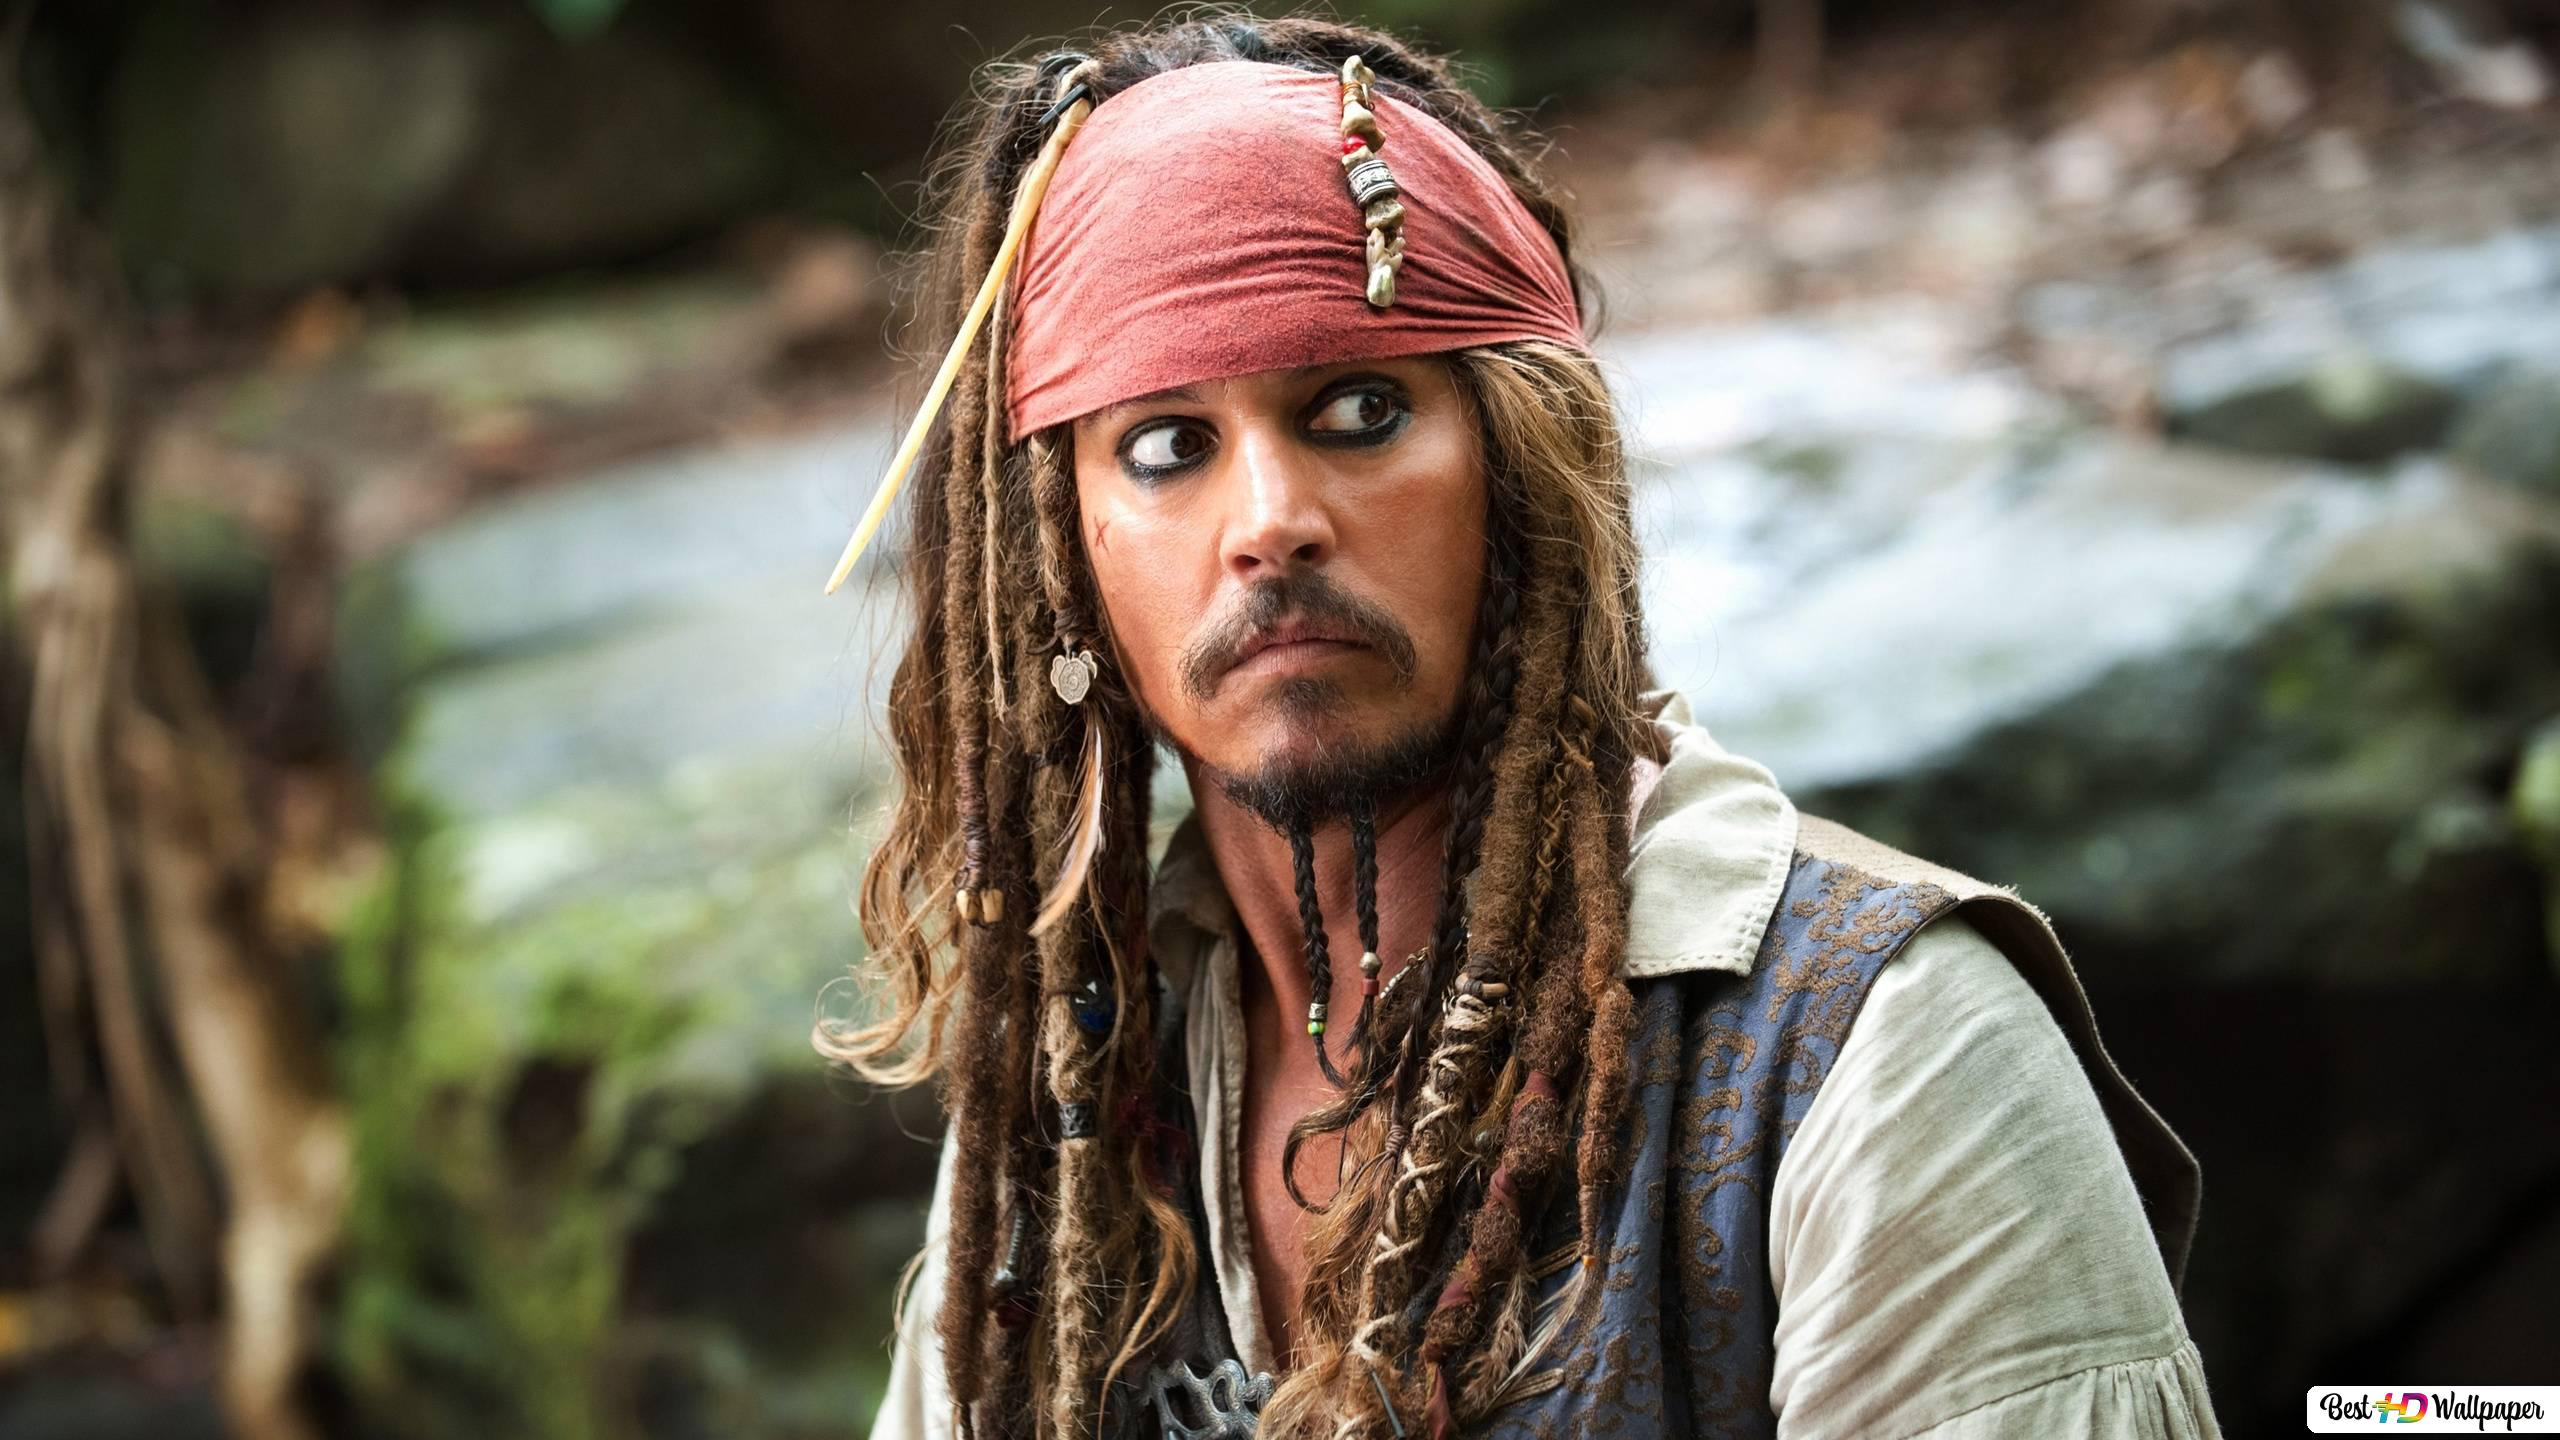 カリブ映画の海賊 ジャック スパロウ Hd壁紙のダウンロード